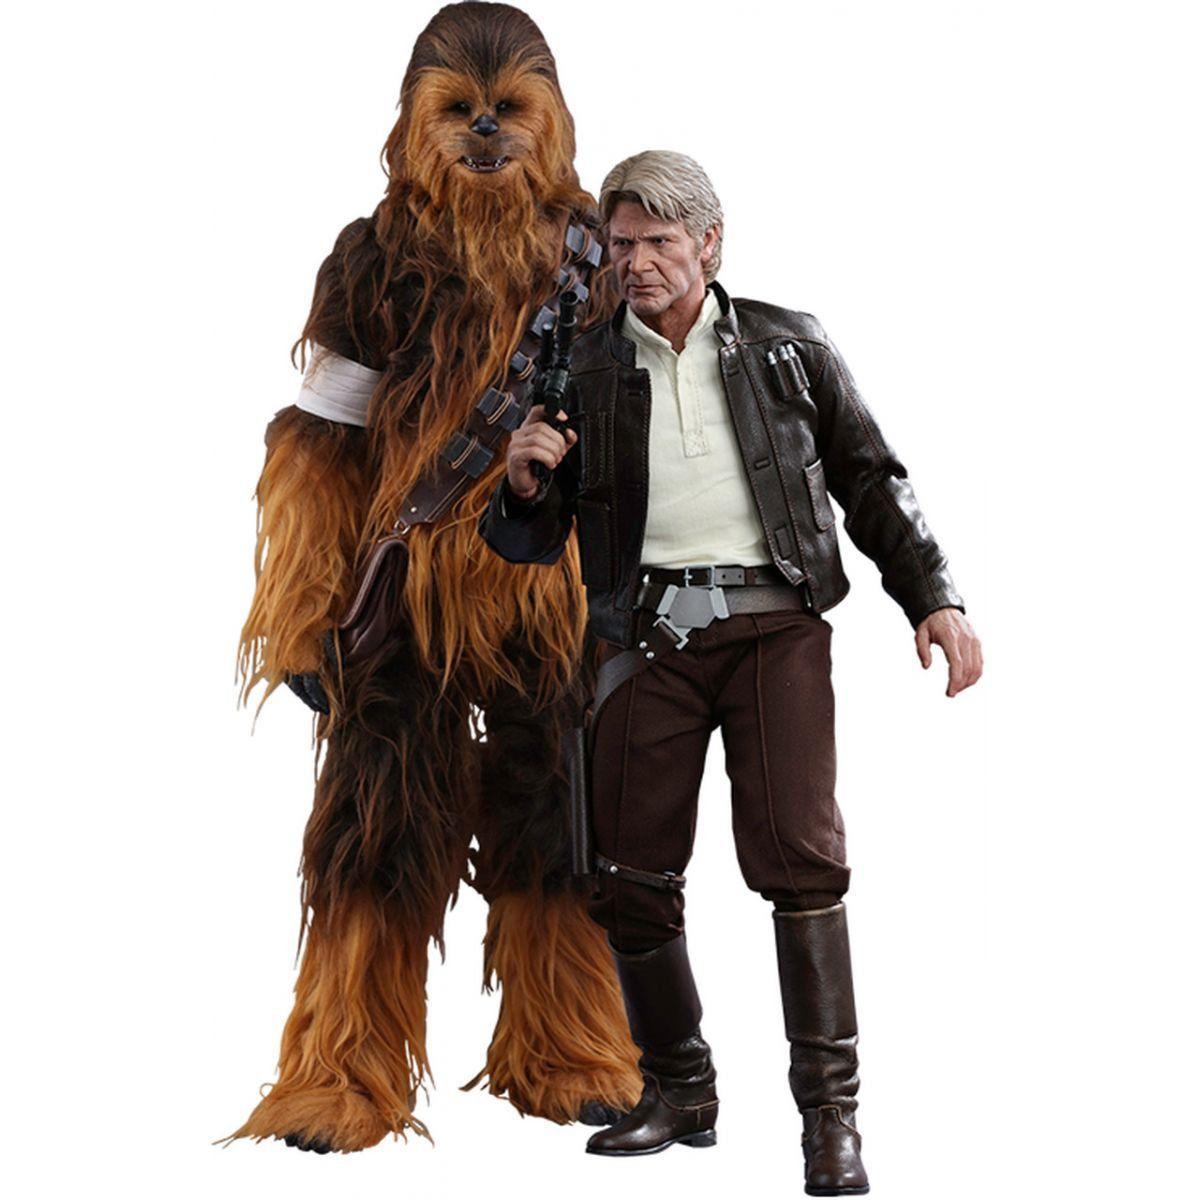 Boneco Han Solo & Chewbacca: Star Wars (O Despertar da Força Movie) Escala 1/6 (MMS376)- Hot Toys